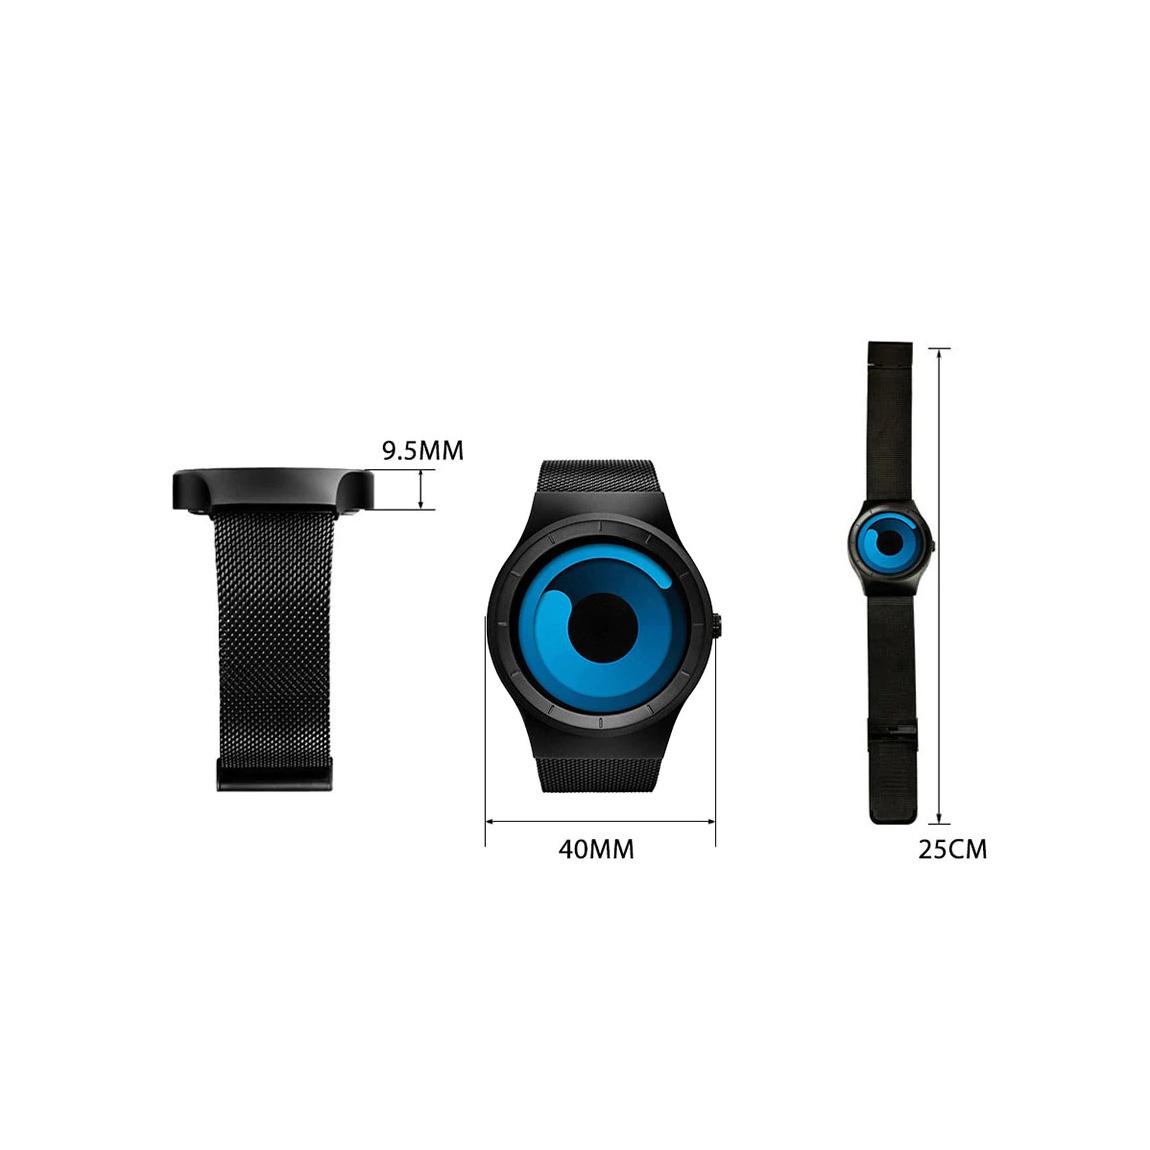 modernus laikrodis  dovanos moterims vyrams merginai panelei siuolaikiskas modernus isskirtinis unikalus orginalus laikrodis sportiskas 1027